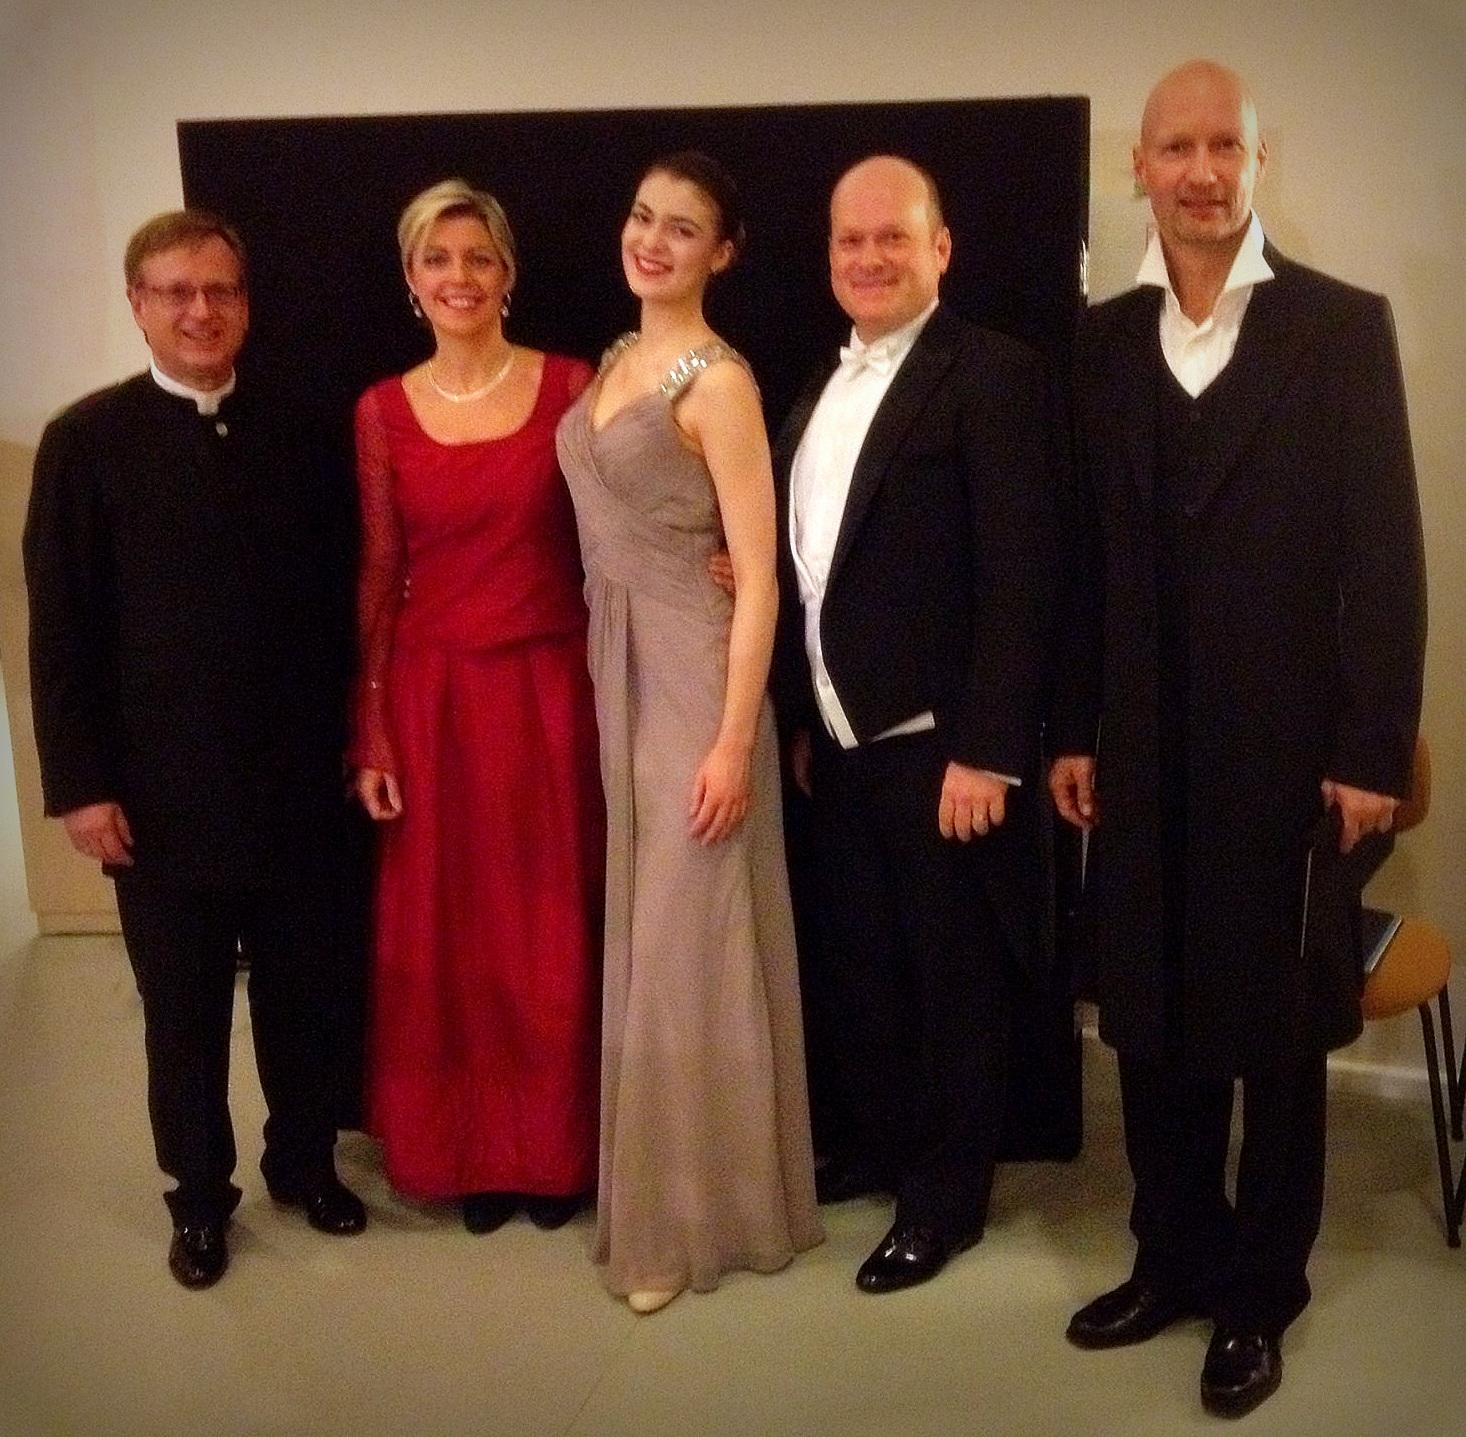 Magnificat/Bach - Nach unserem Konzert in der Berliner Philharmonie mit dem Dirigenten Jörg-Peter Weigle